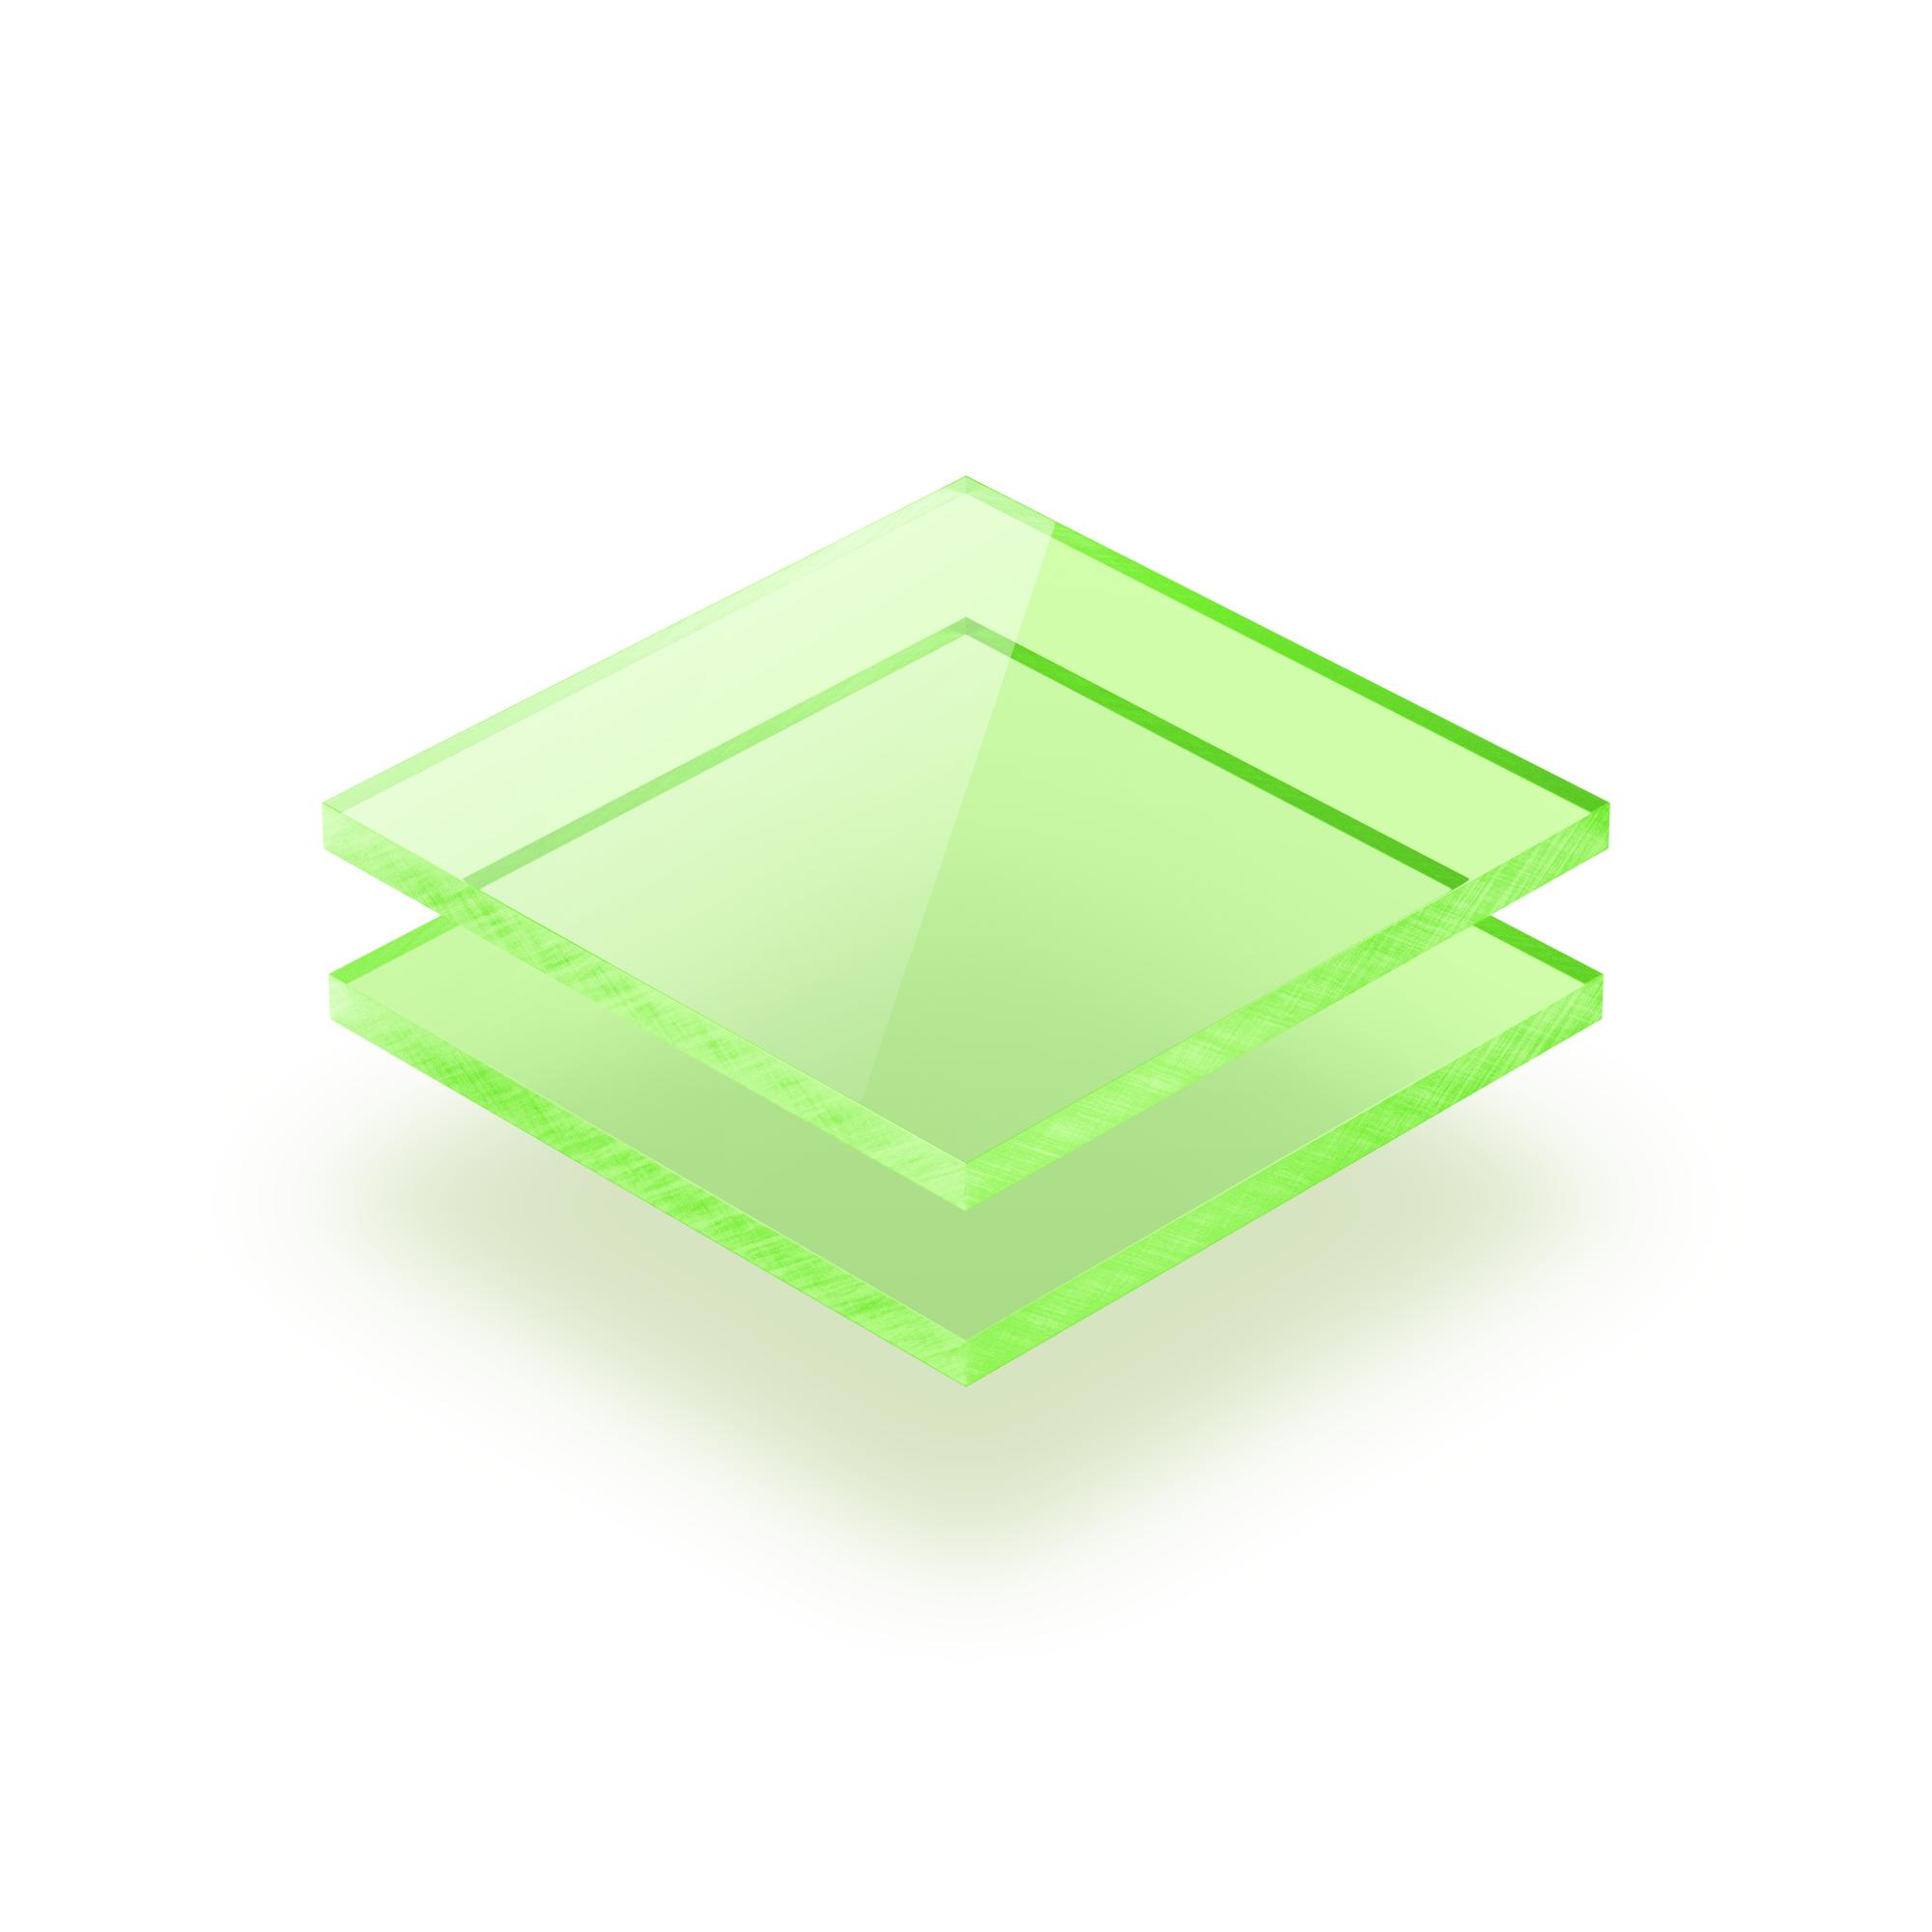 Fluorescent Acrylic Sheet Green 10 Mm Plasticsheetsshop